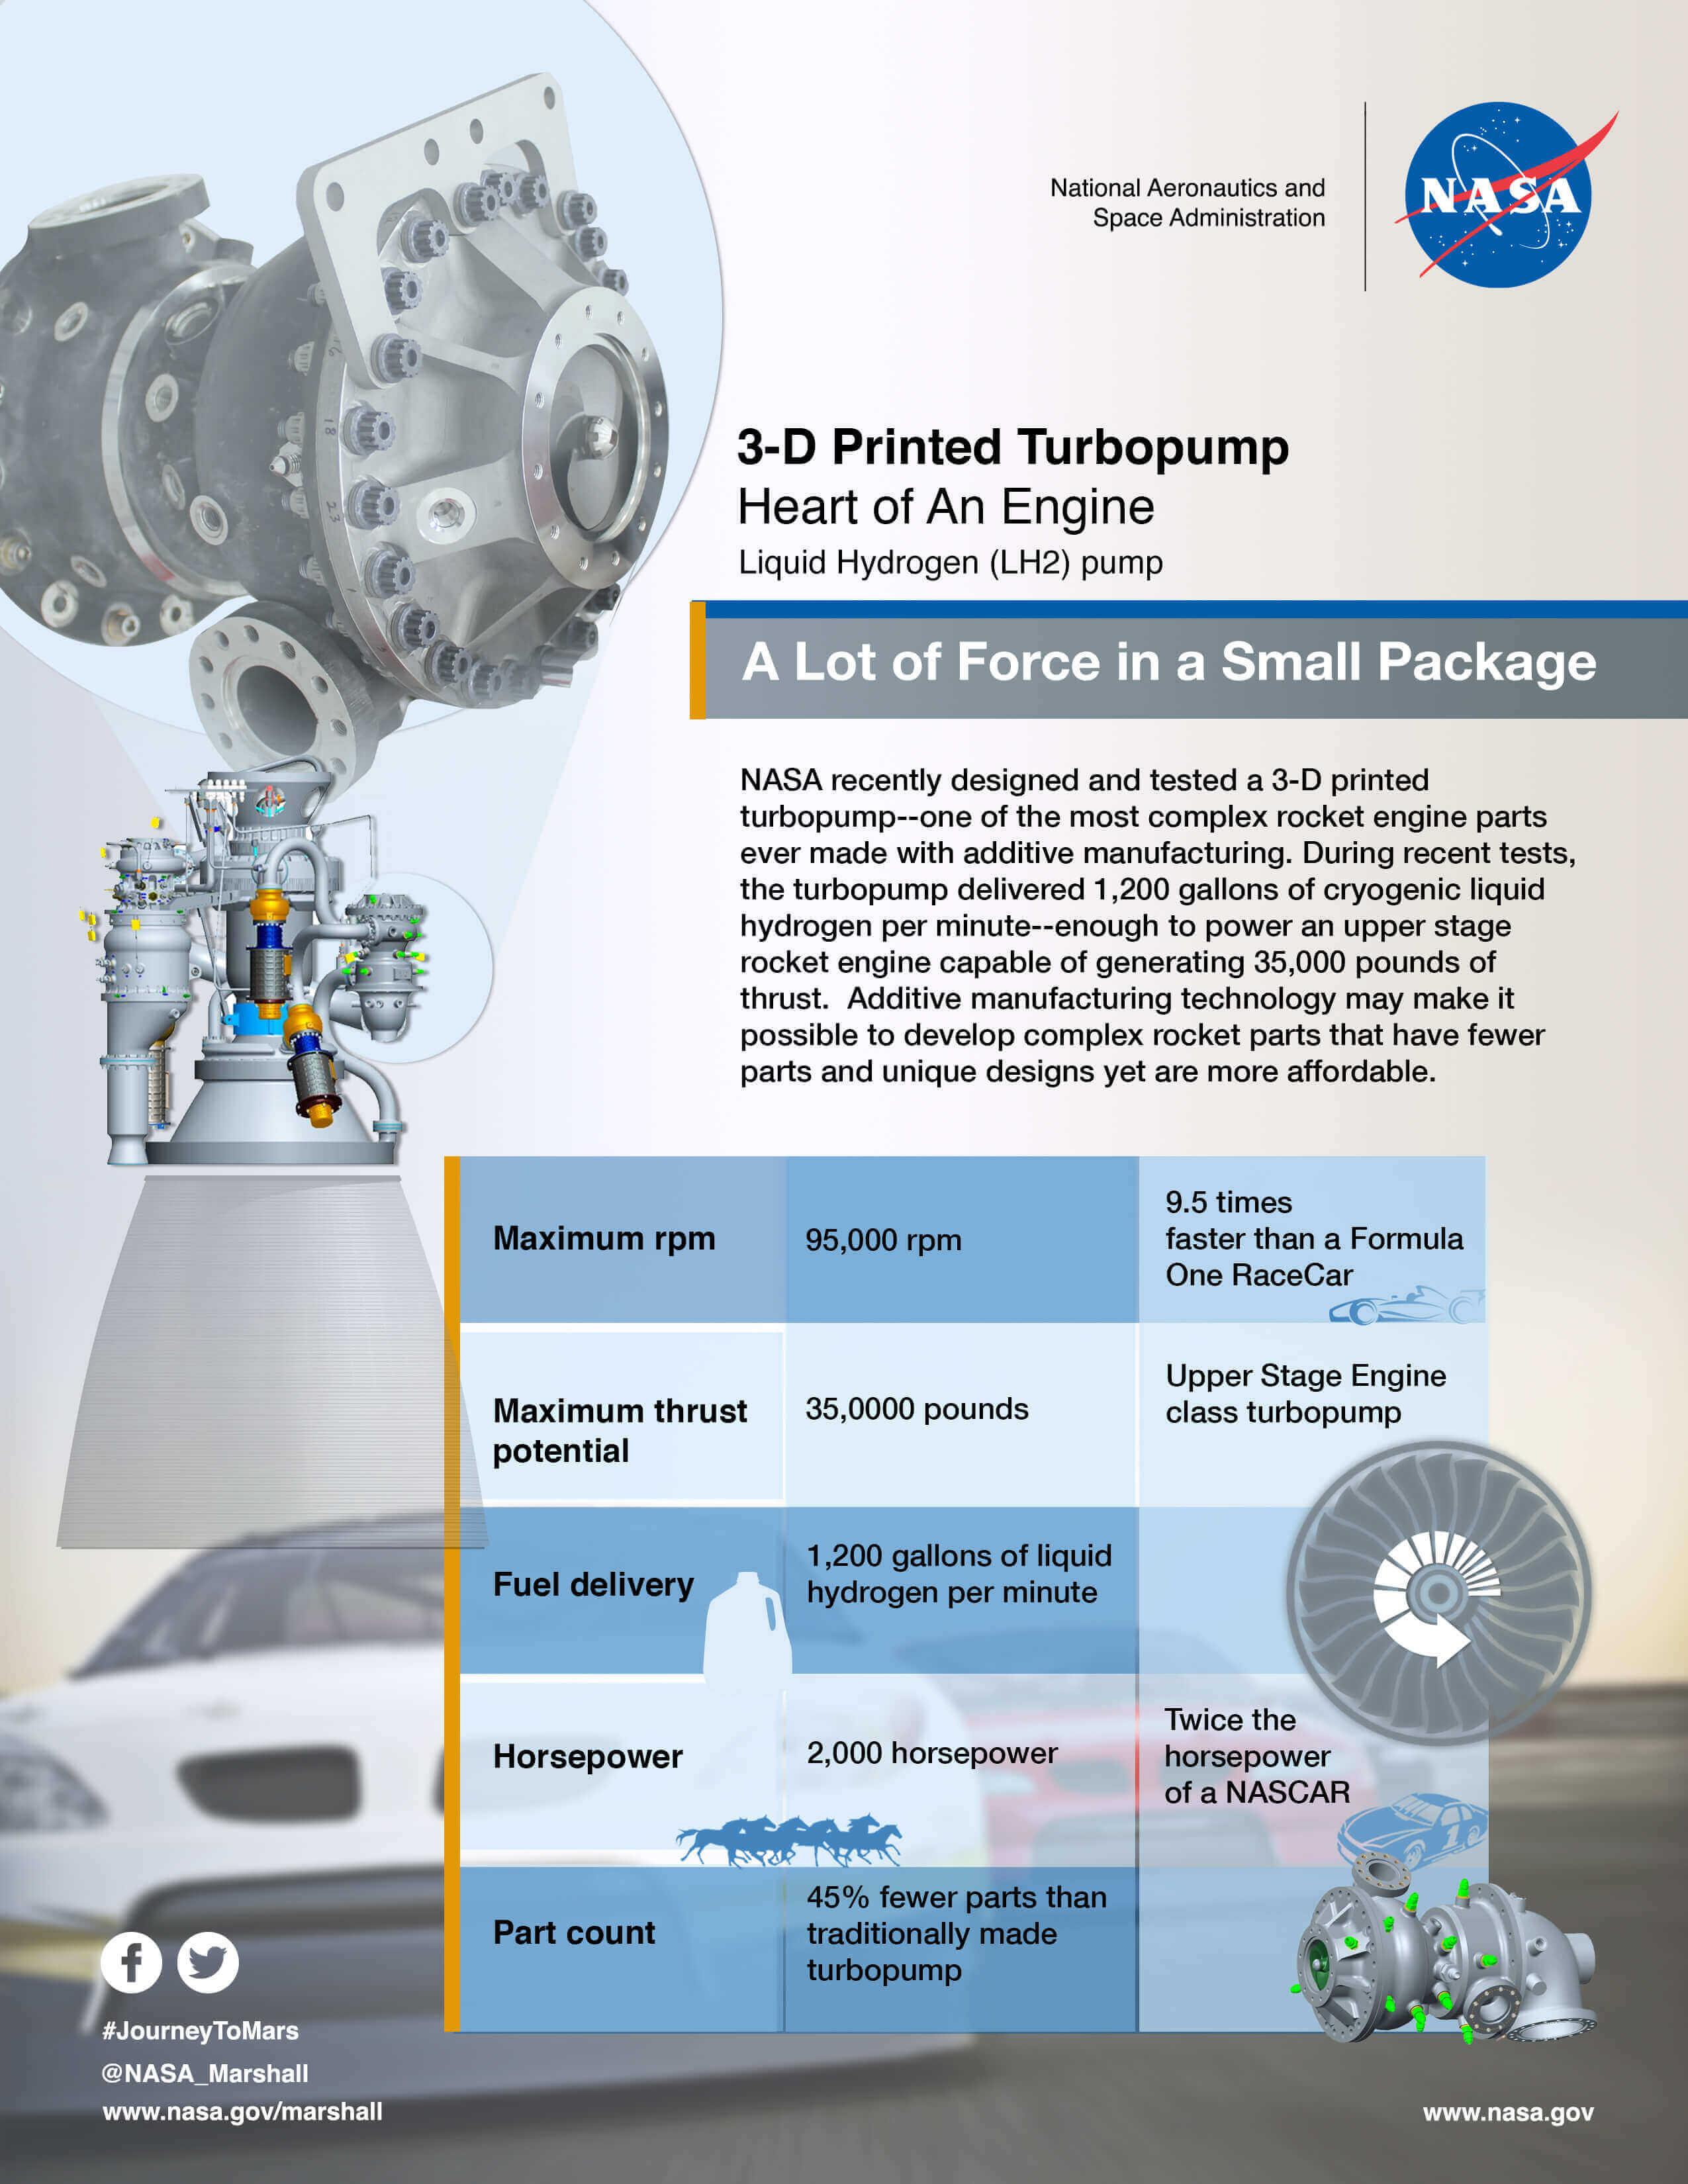 3D Printed Turbopump